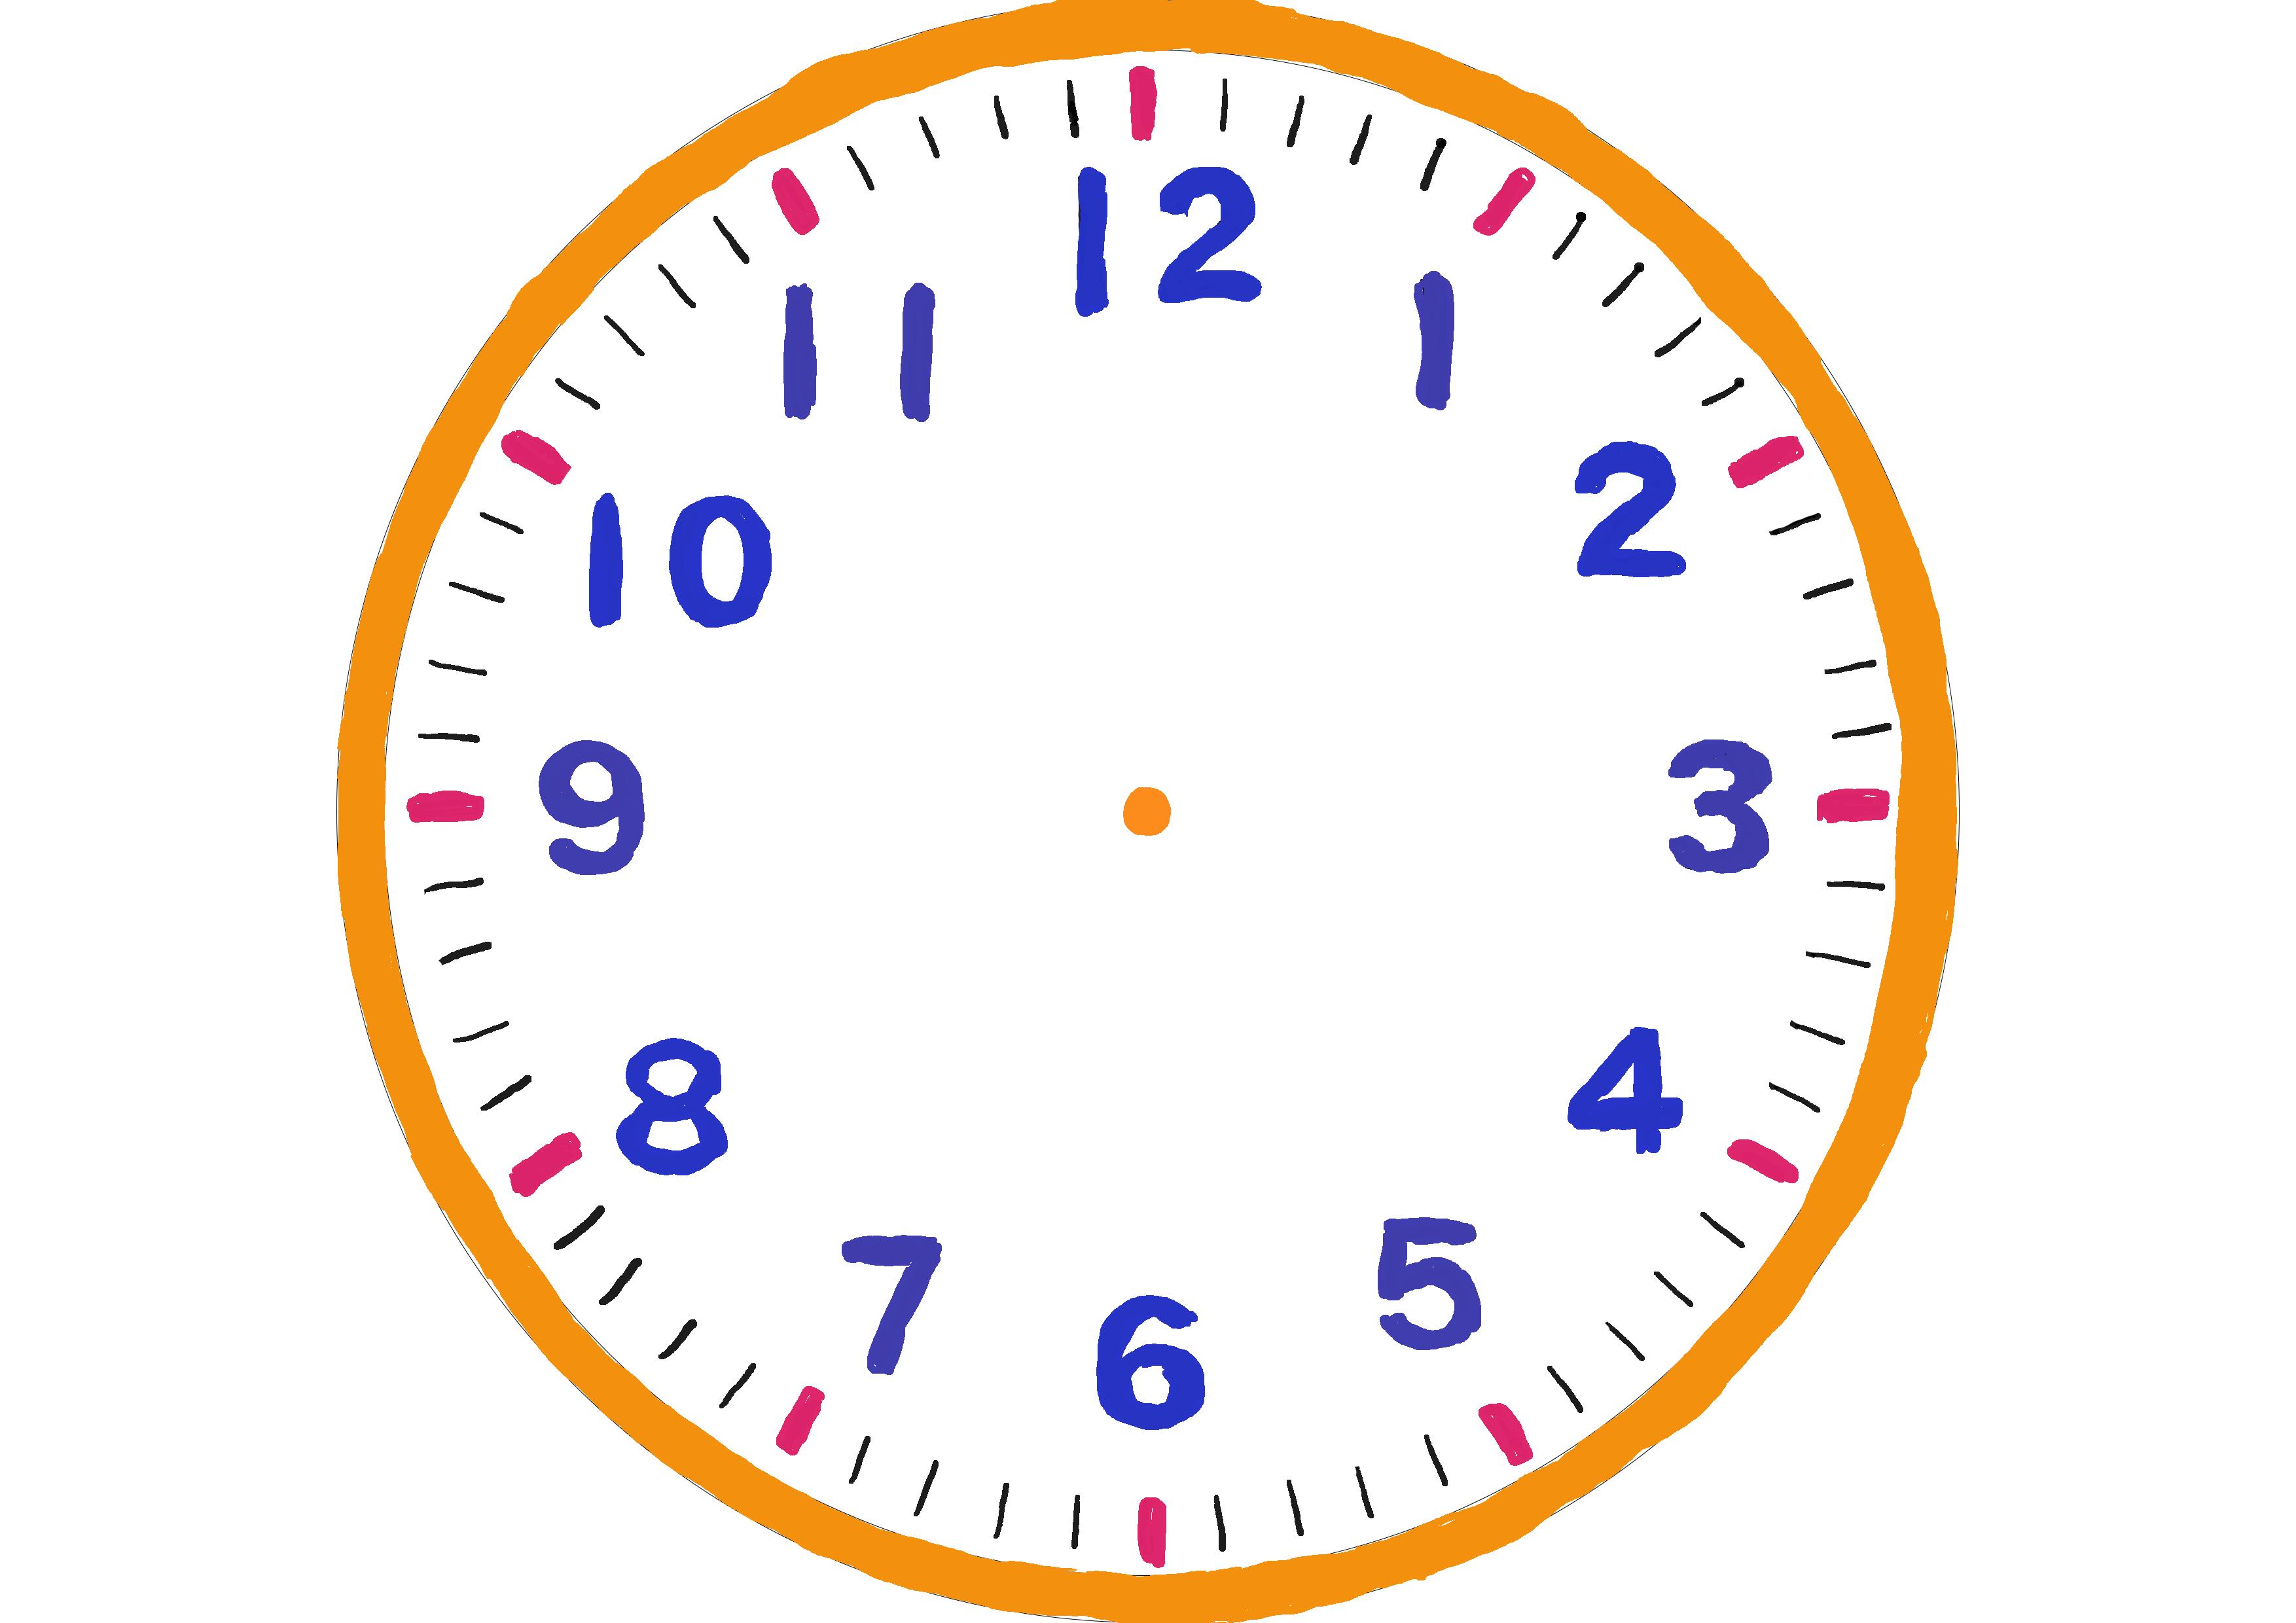 イラスト 時計 にほんご教師ピック 時計 イラスト 時計 かわいい